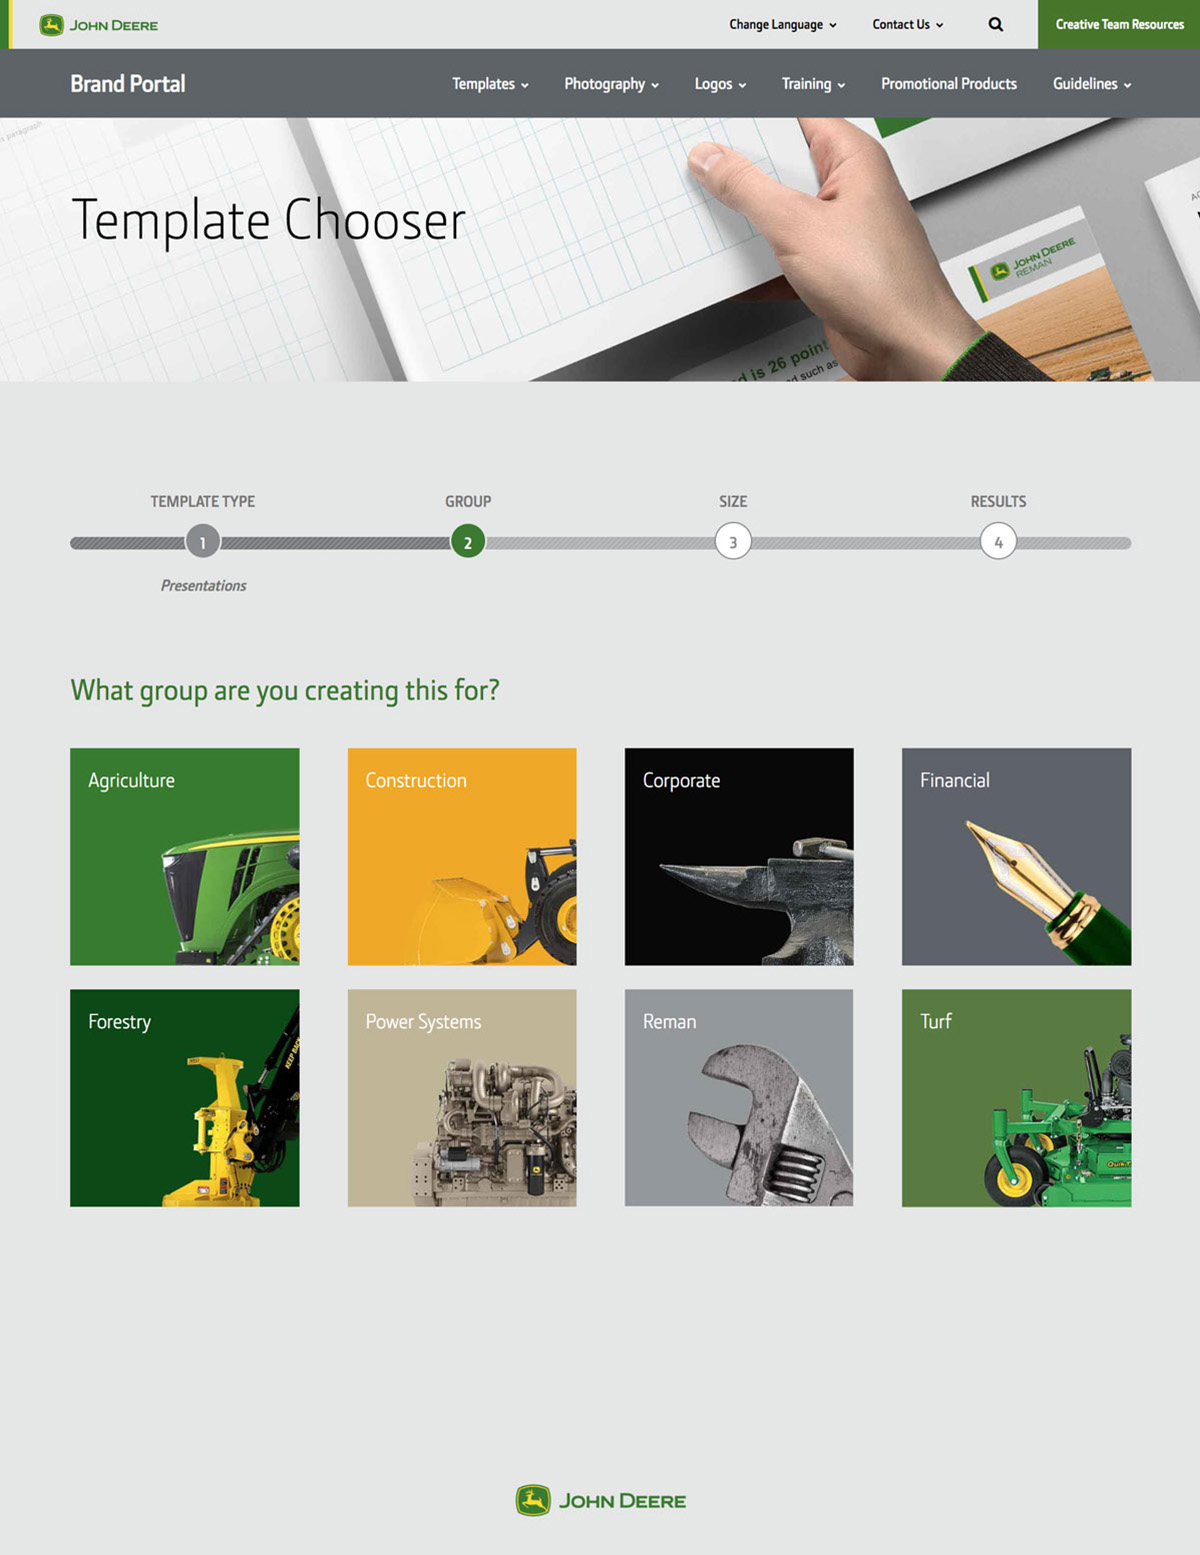 template_chooser_0002_jd_templatechooser-min2